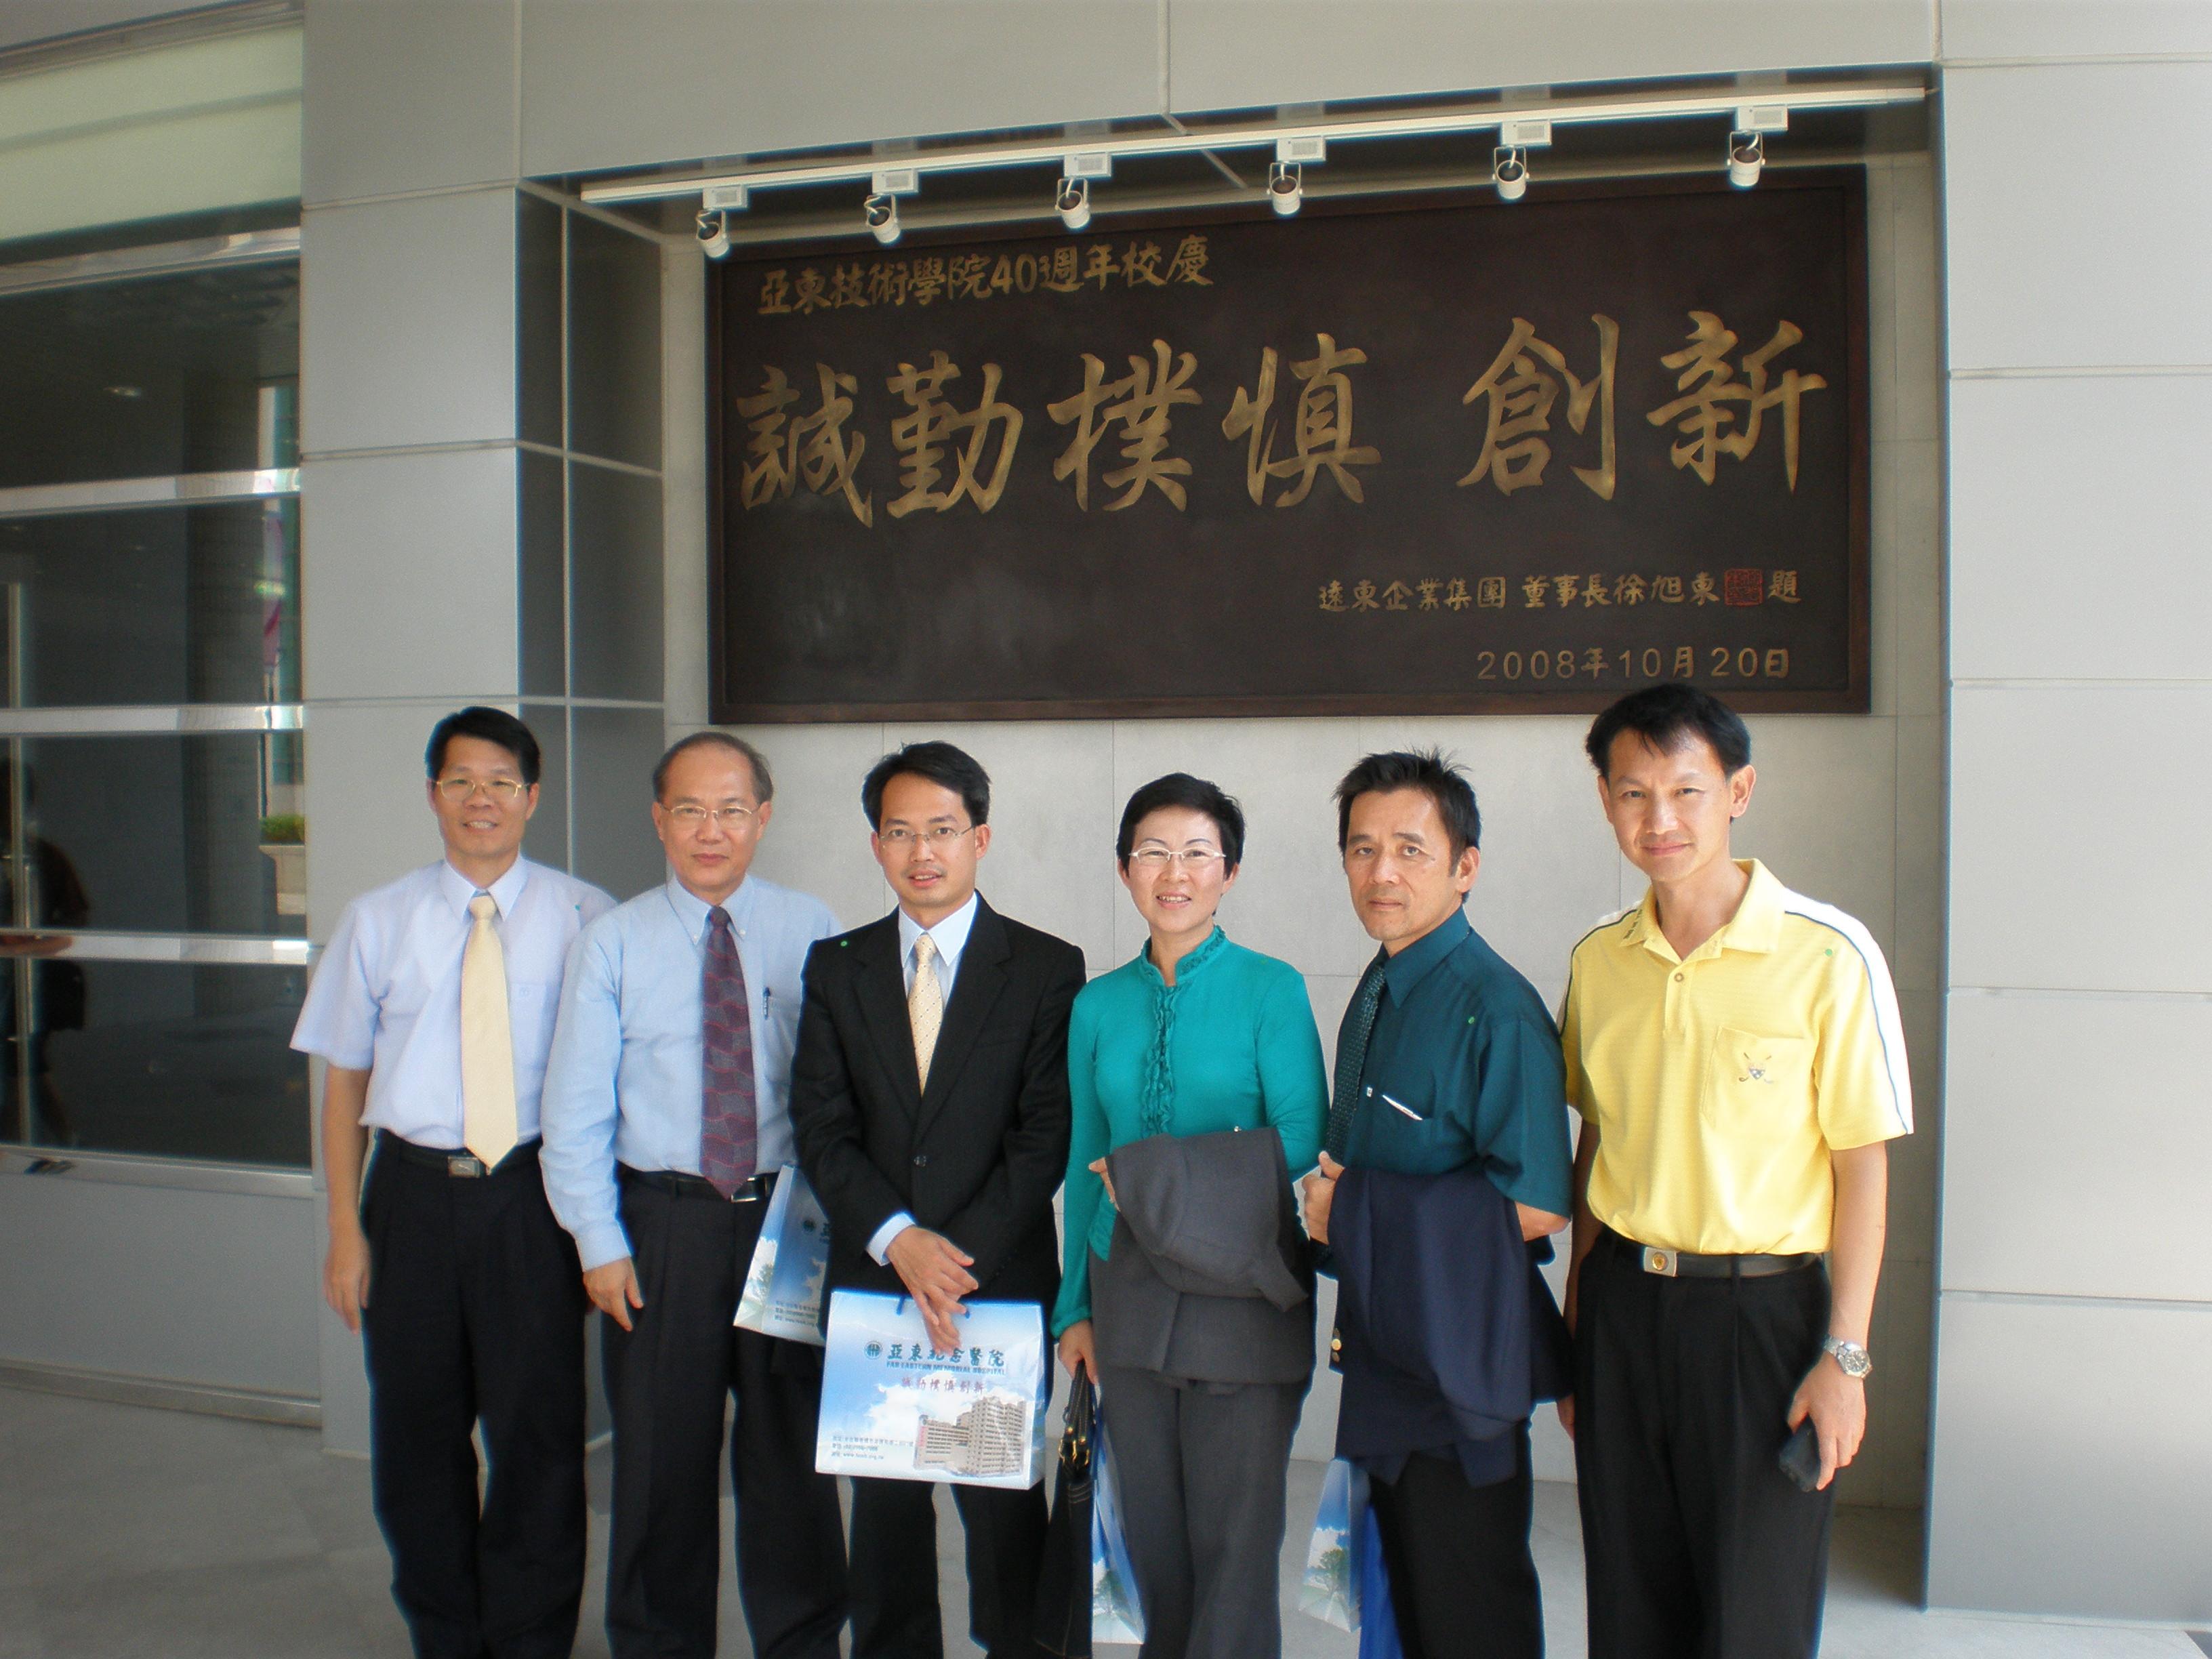 参观亚东技术学院